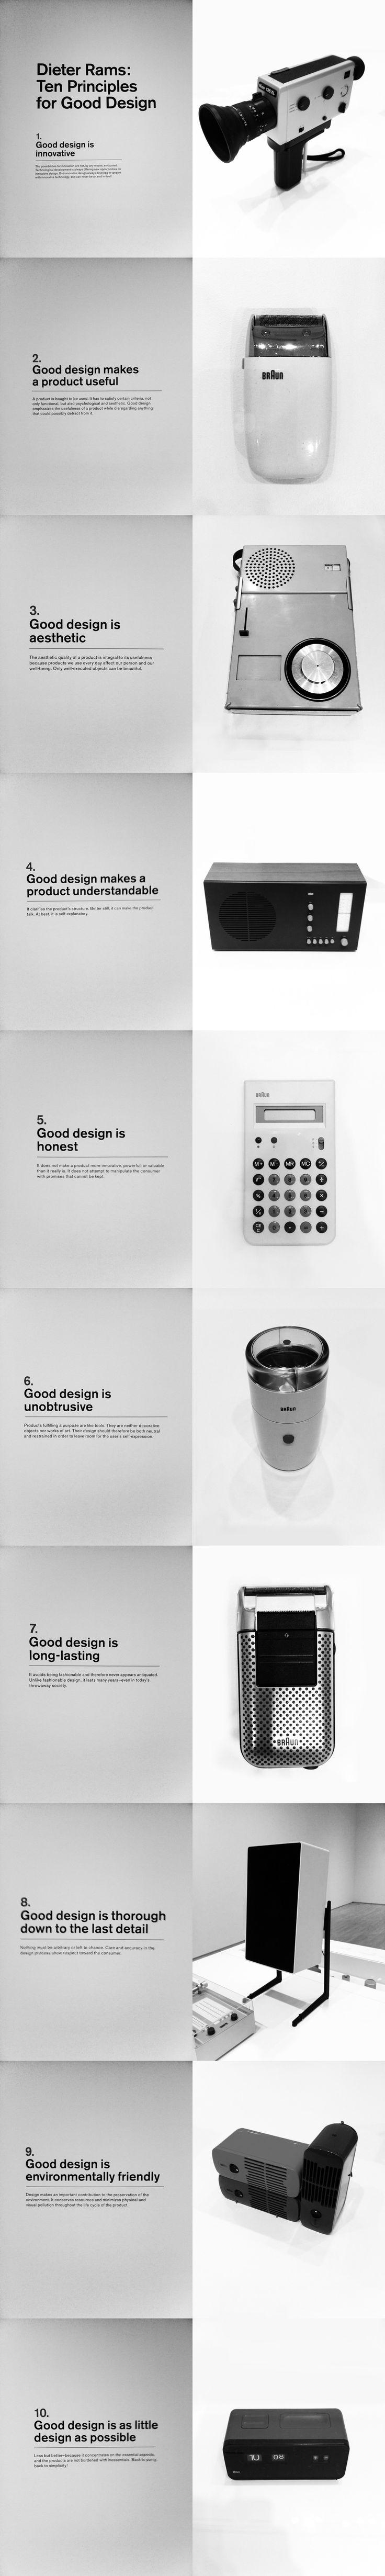 Deiter Rams: Ten Principles for Good Design